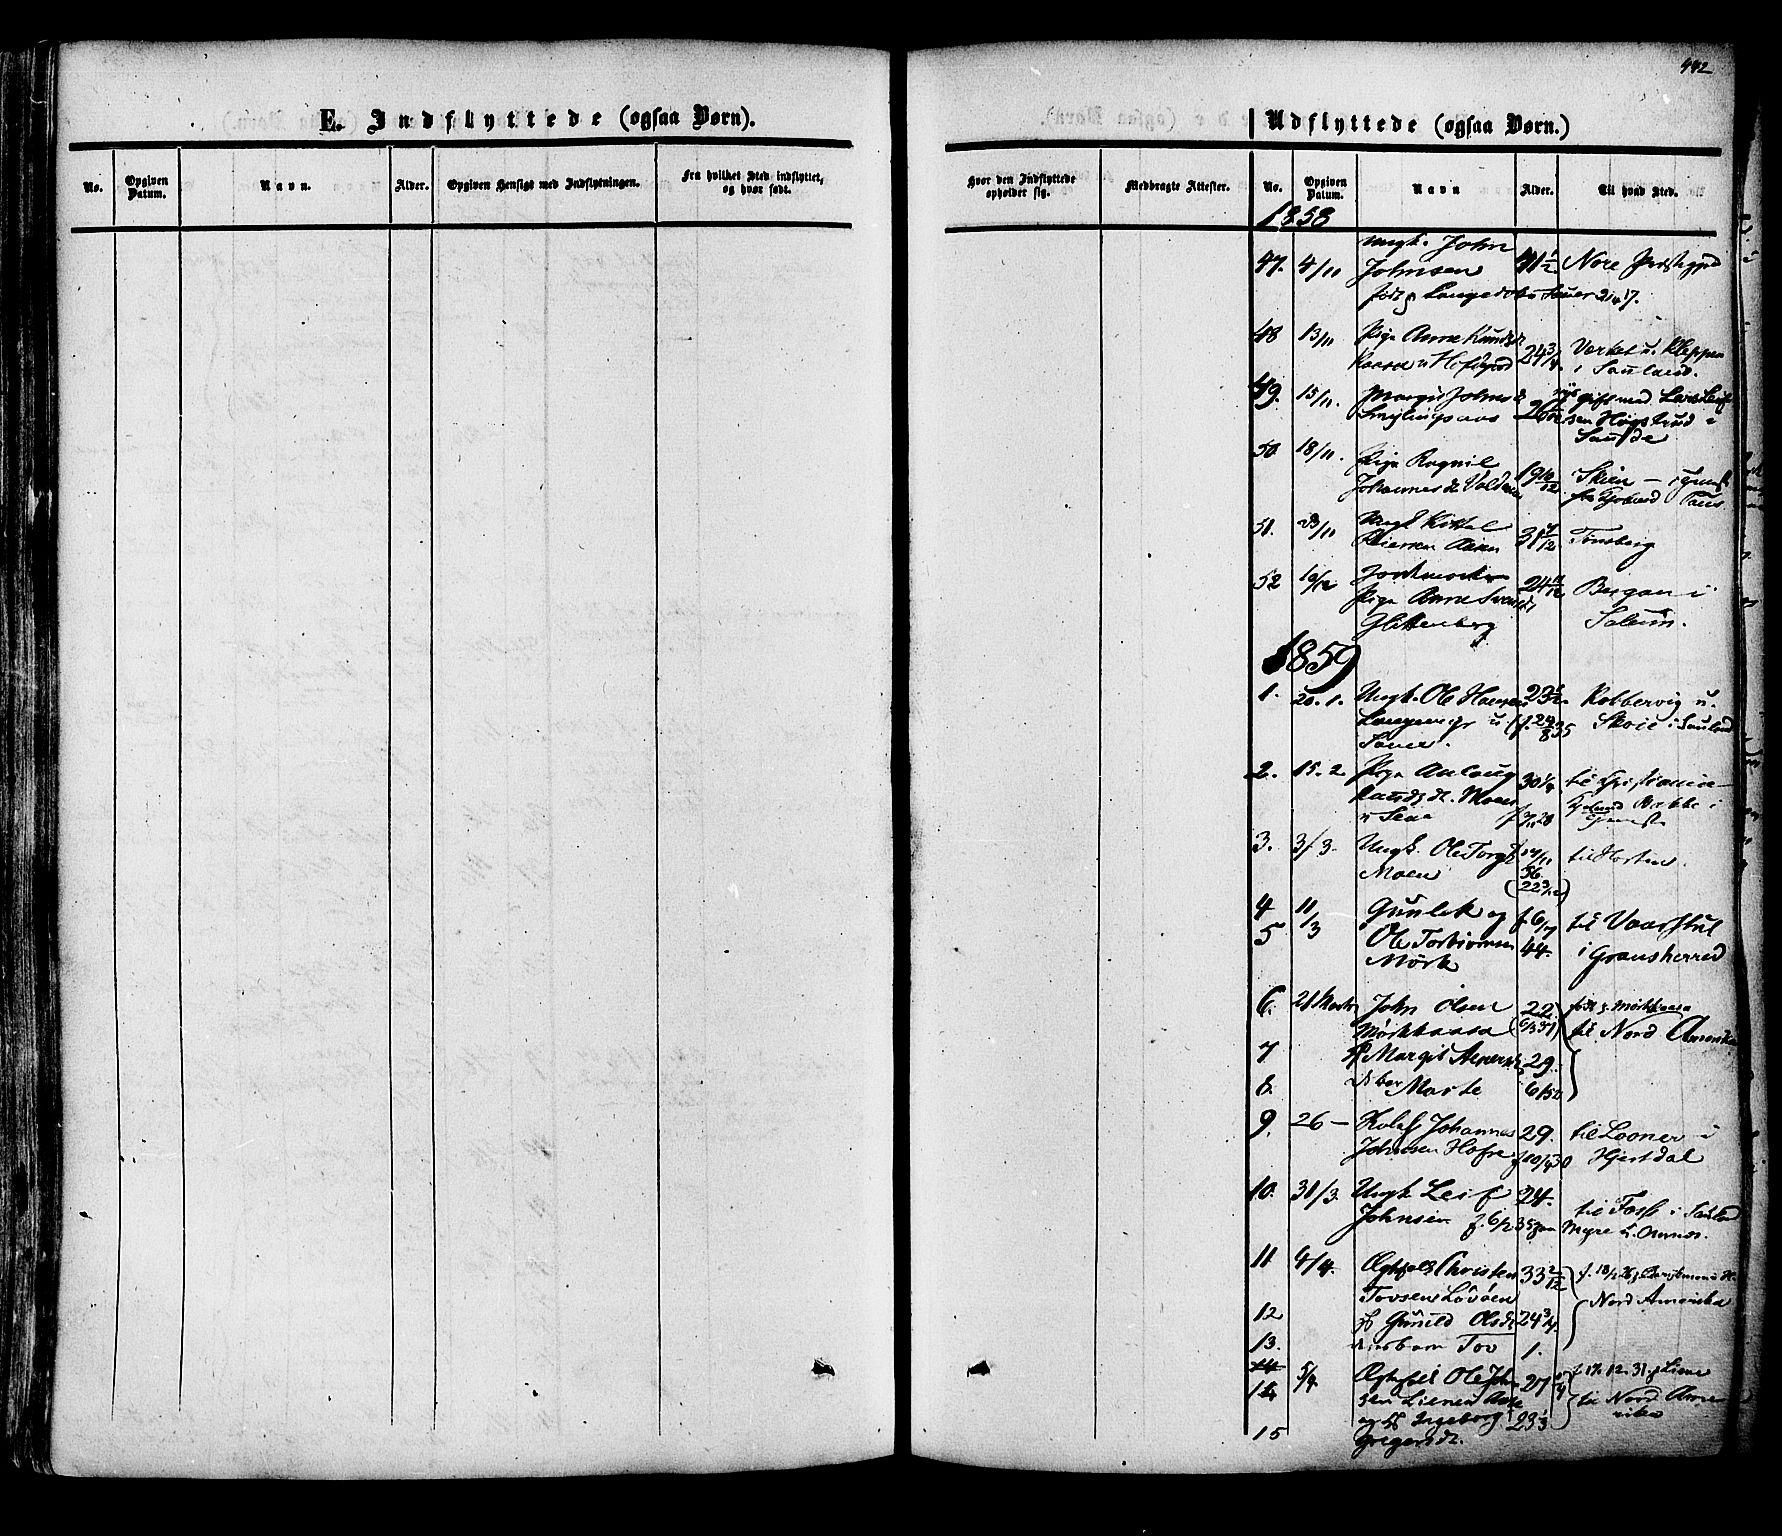 SAKO, Heddal kirkebøker, F/Fa/L0007: Ministerialbok nr. I 7, 1855-1877, s. 442